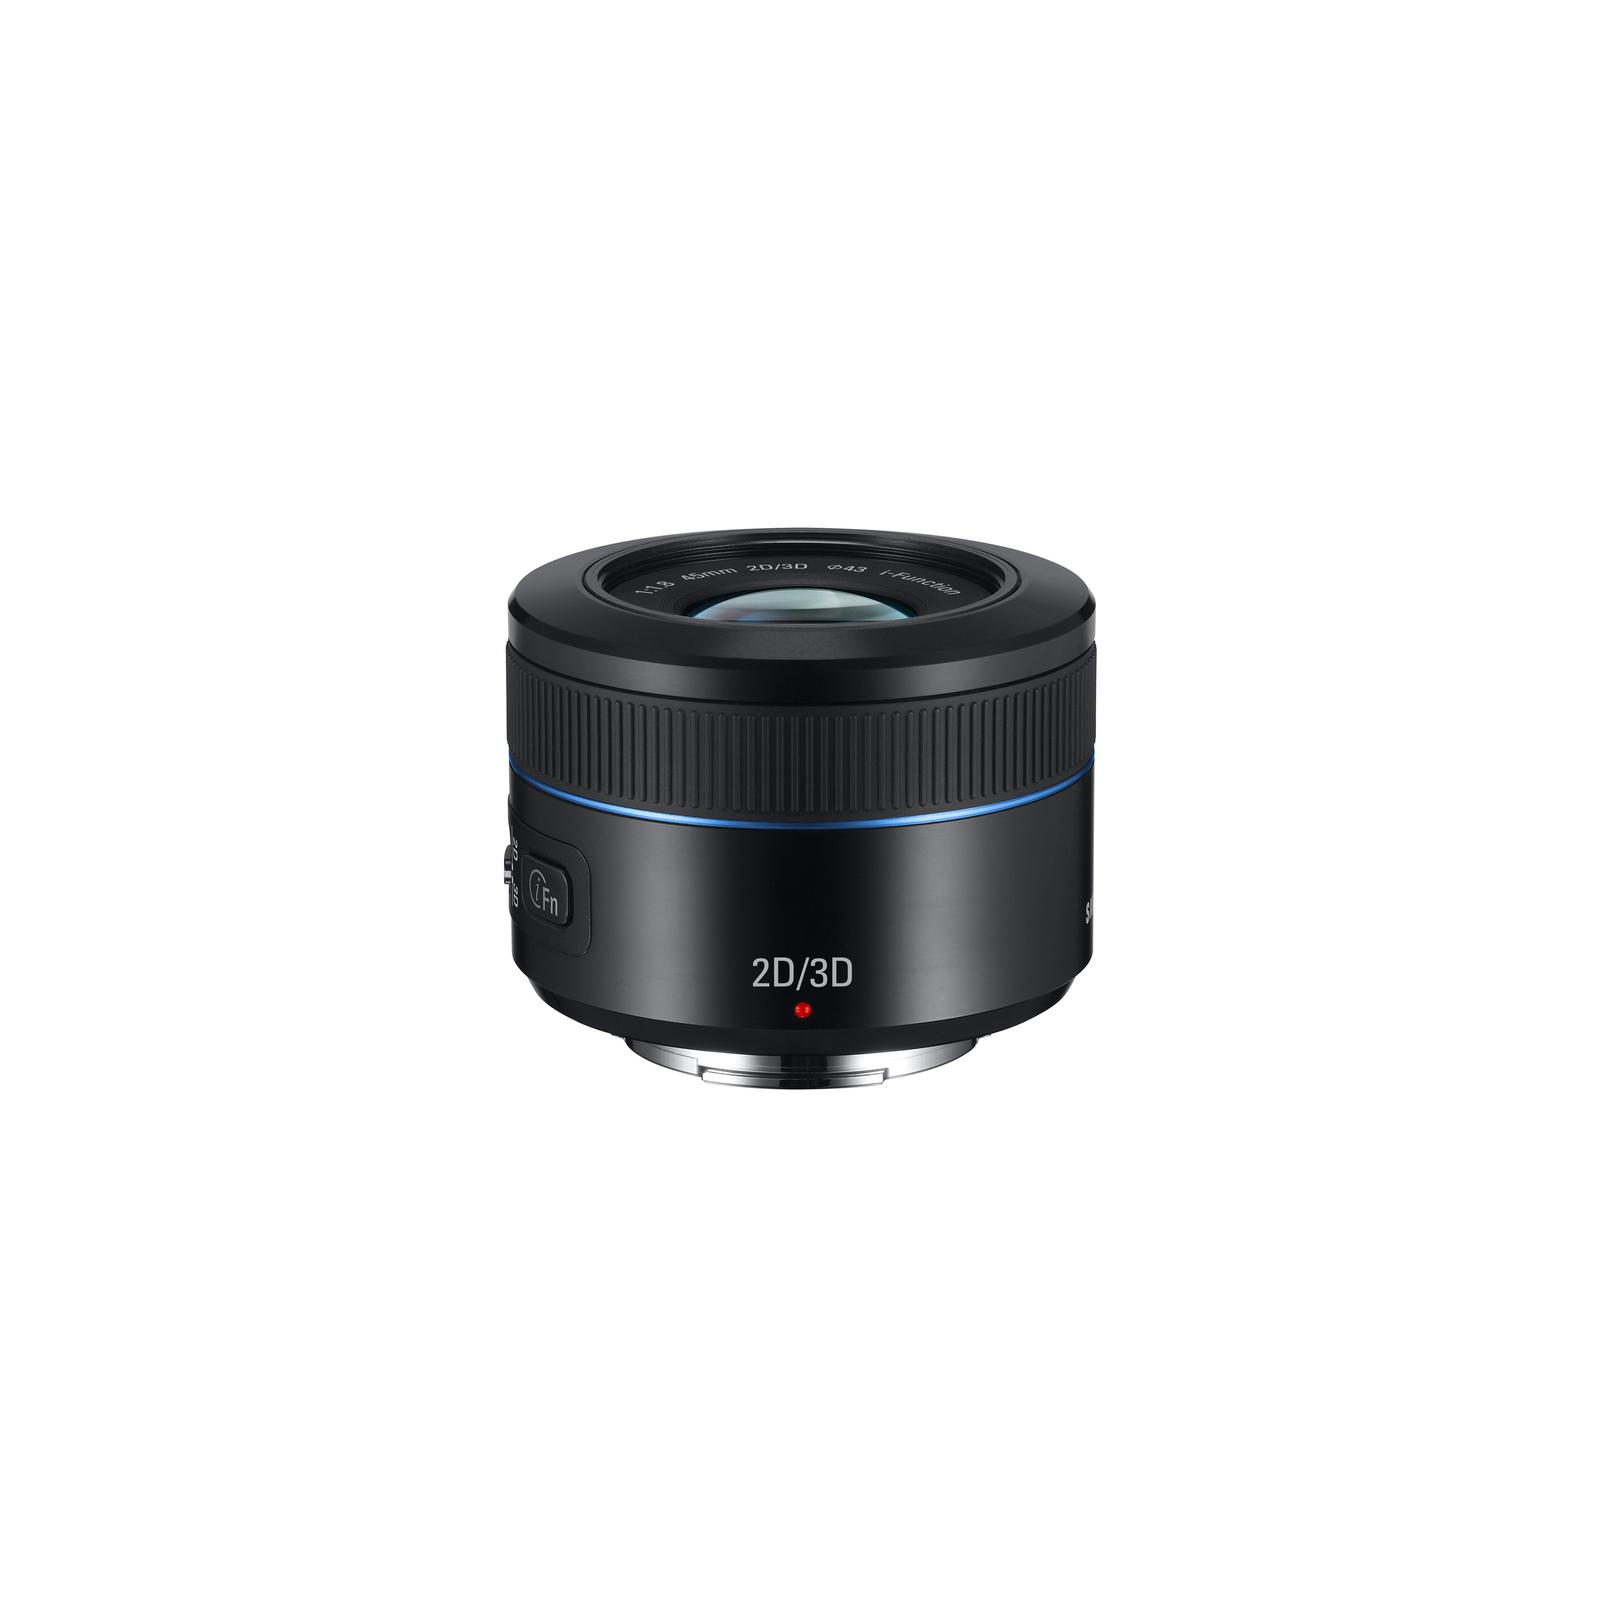 Объектив Samsung EX-S45ADB 45 mm f/1.8 [T6] 2D/3D (EX-S45ADB)